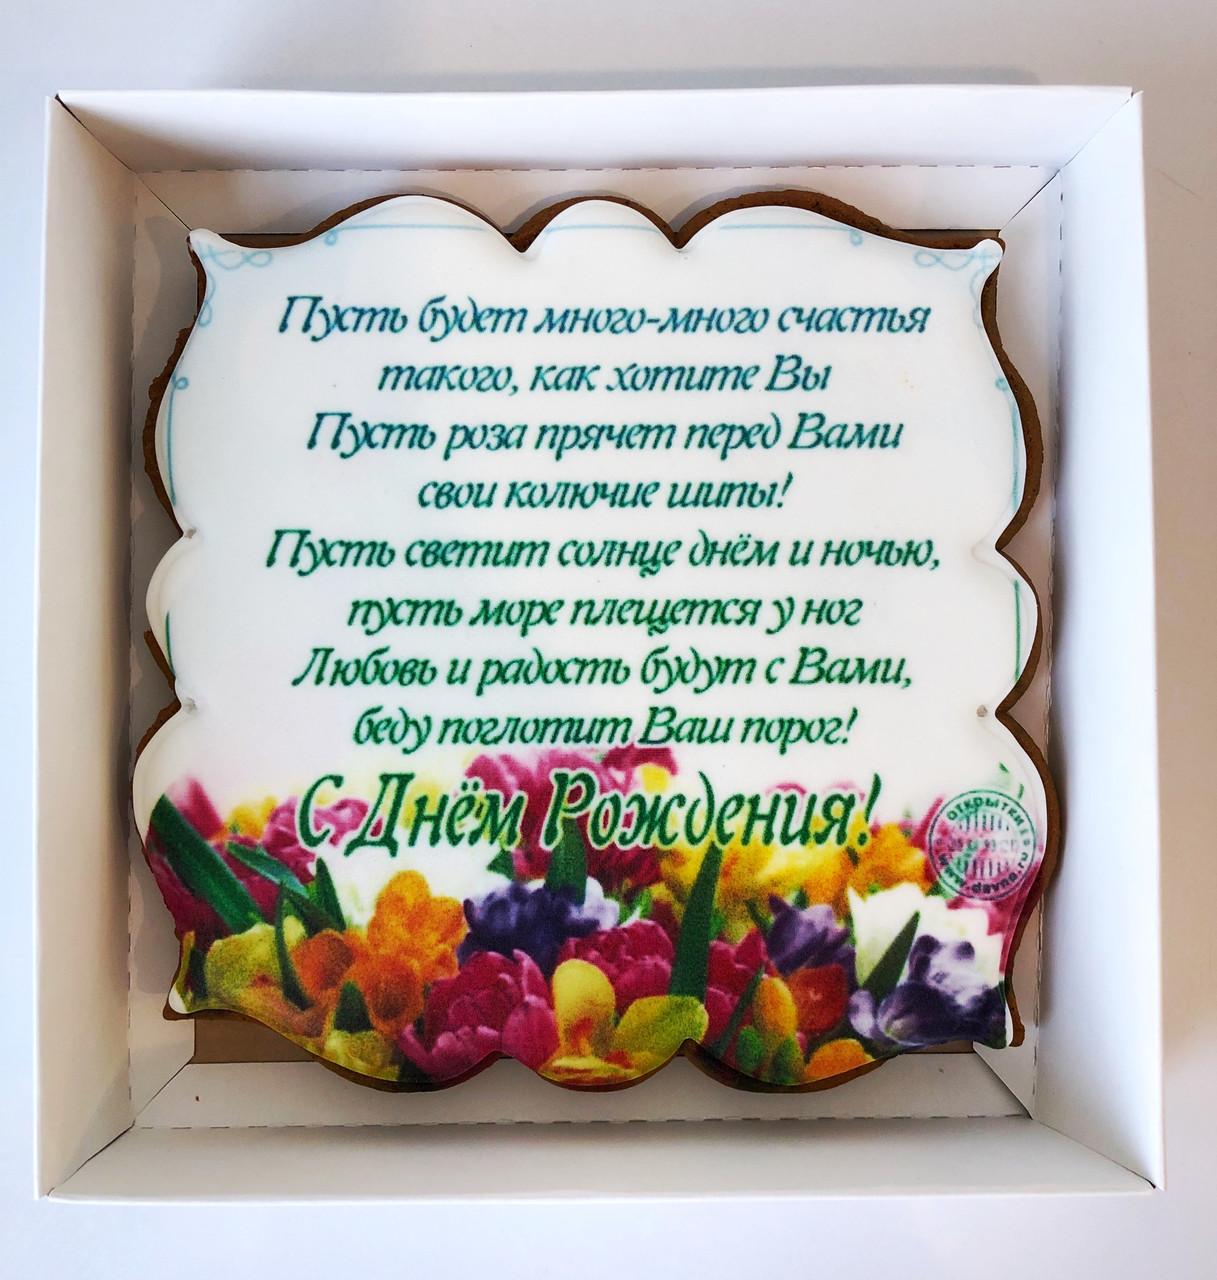 """Медовый пряник """"С Днем Рождения!""""  в подарочной коробке (шаблон 42 №10, размер 15 см х 15 см)"""